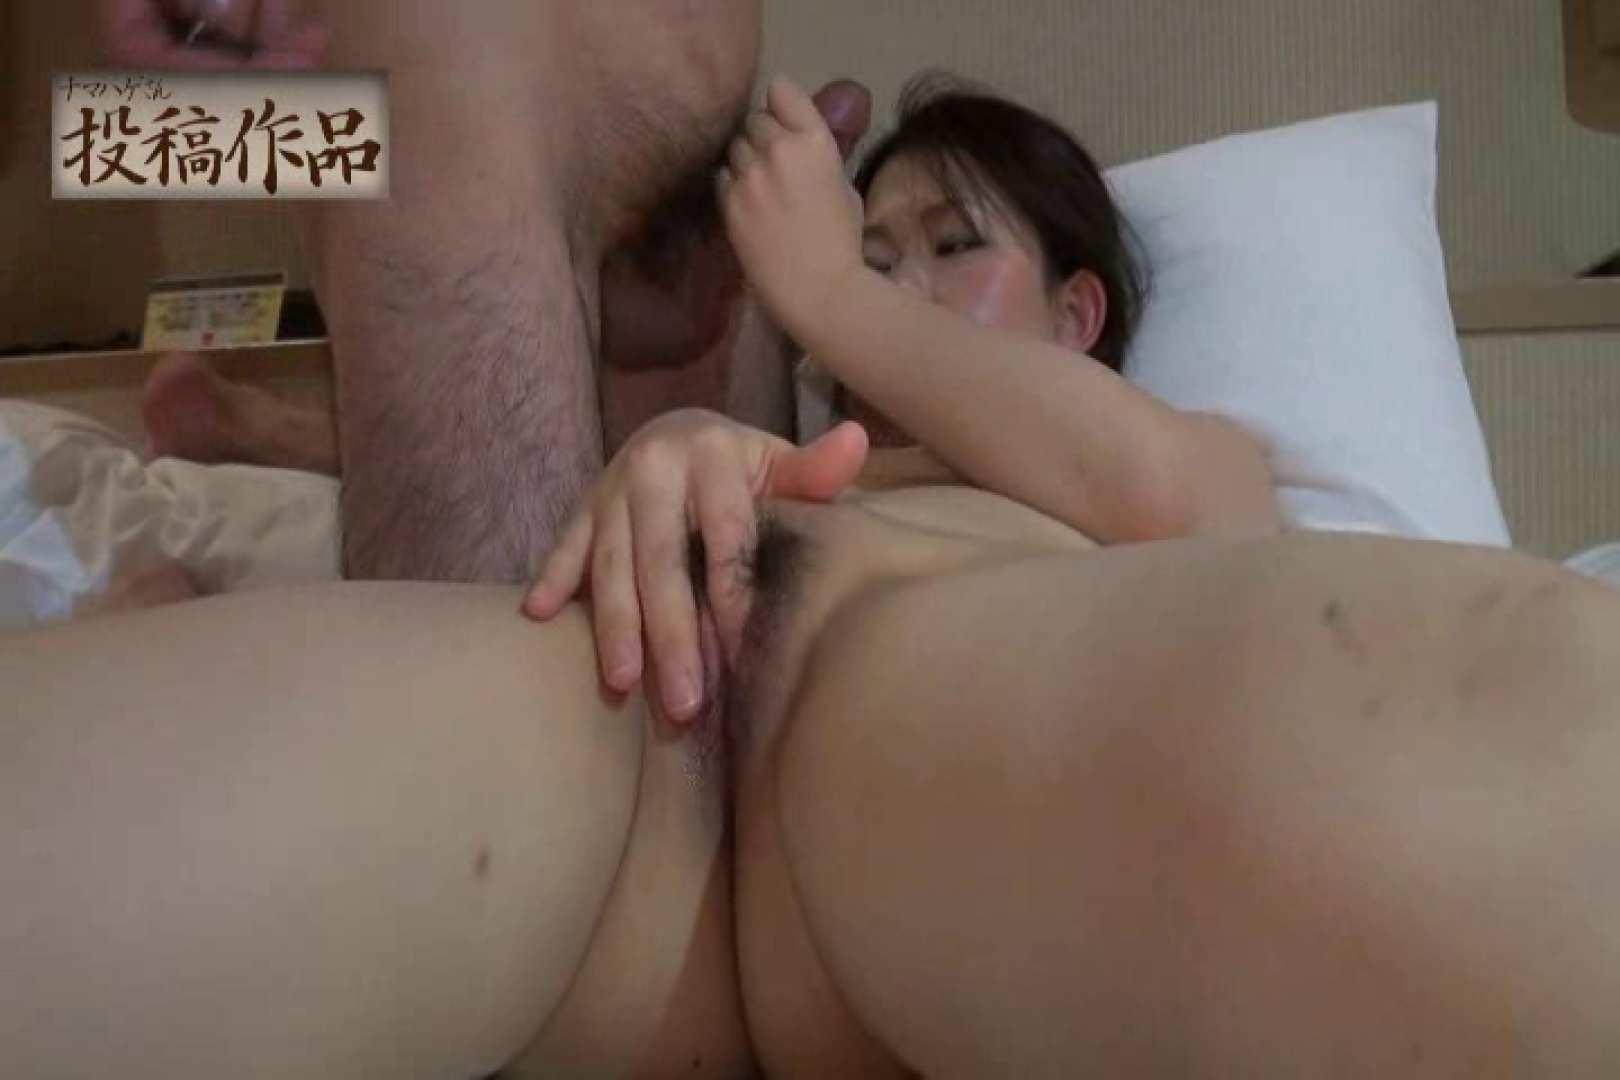 ナマハゲさんのまんこコレクション第二章 Miki02 美しいOLの裸体  97pic 42